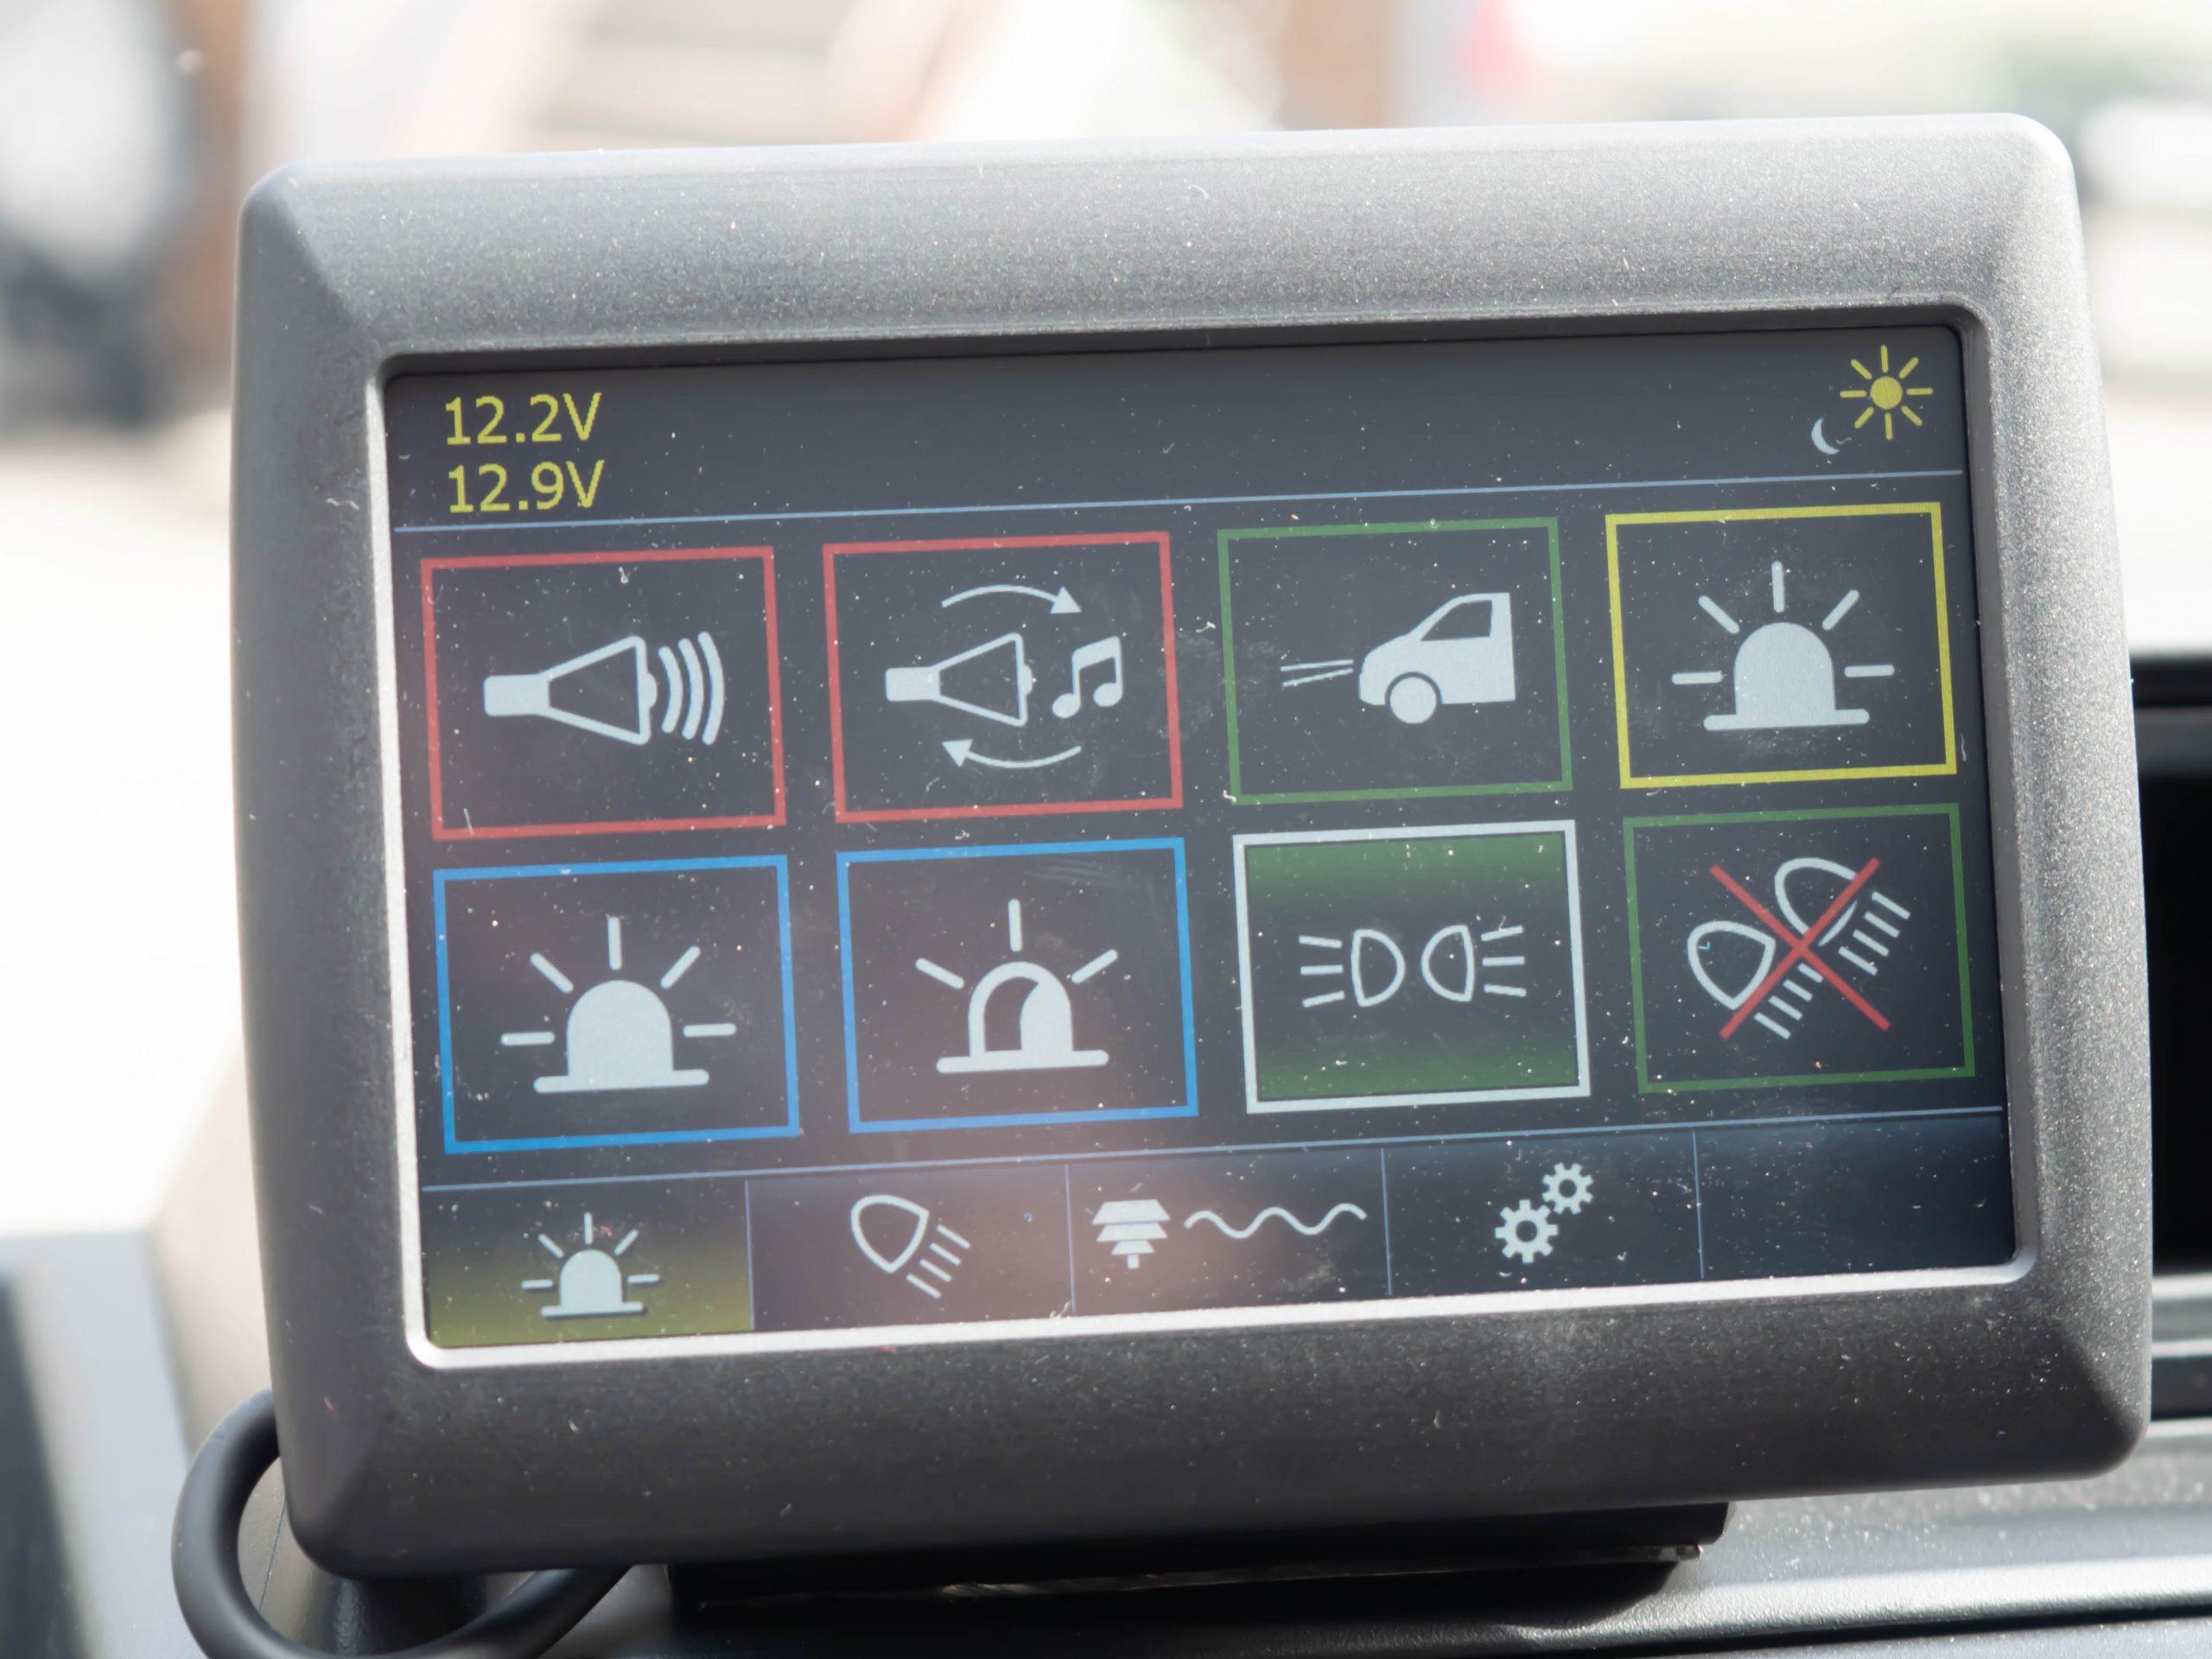 Ohjauspaneeli kaikille hälytys-, työ-, liikenteenohjaus- ja varoitusvaloille sekä hälytys- ja väestöhälytinäänille.